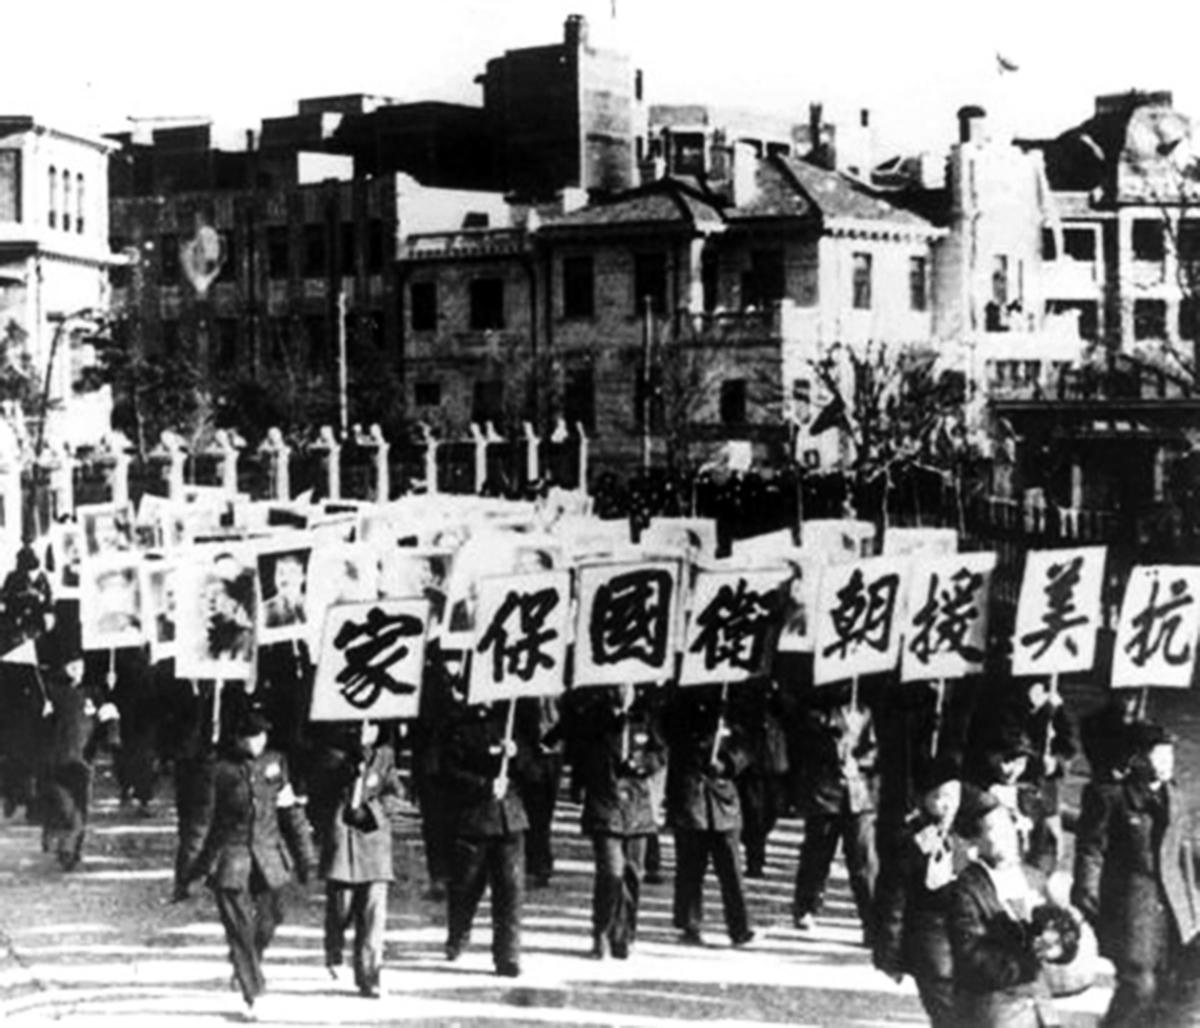 資料顯示,當年是金日成在獲得斯太林的同意和中國的支持後首先挑起了戰爭,中共根本不是甚麼「抗美援朝」,而是「助朝侵韓」。(網絡圖片)